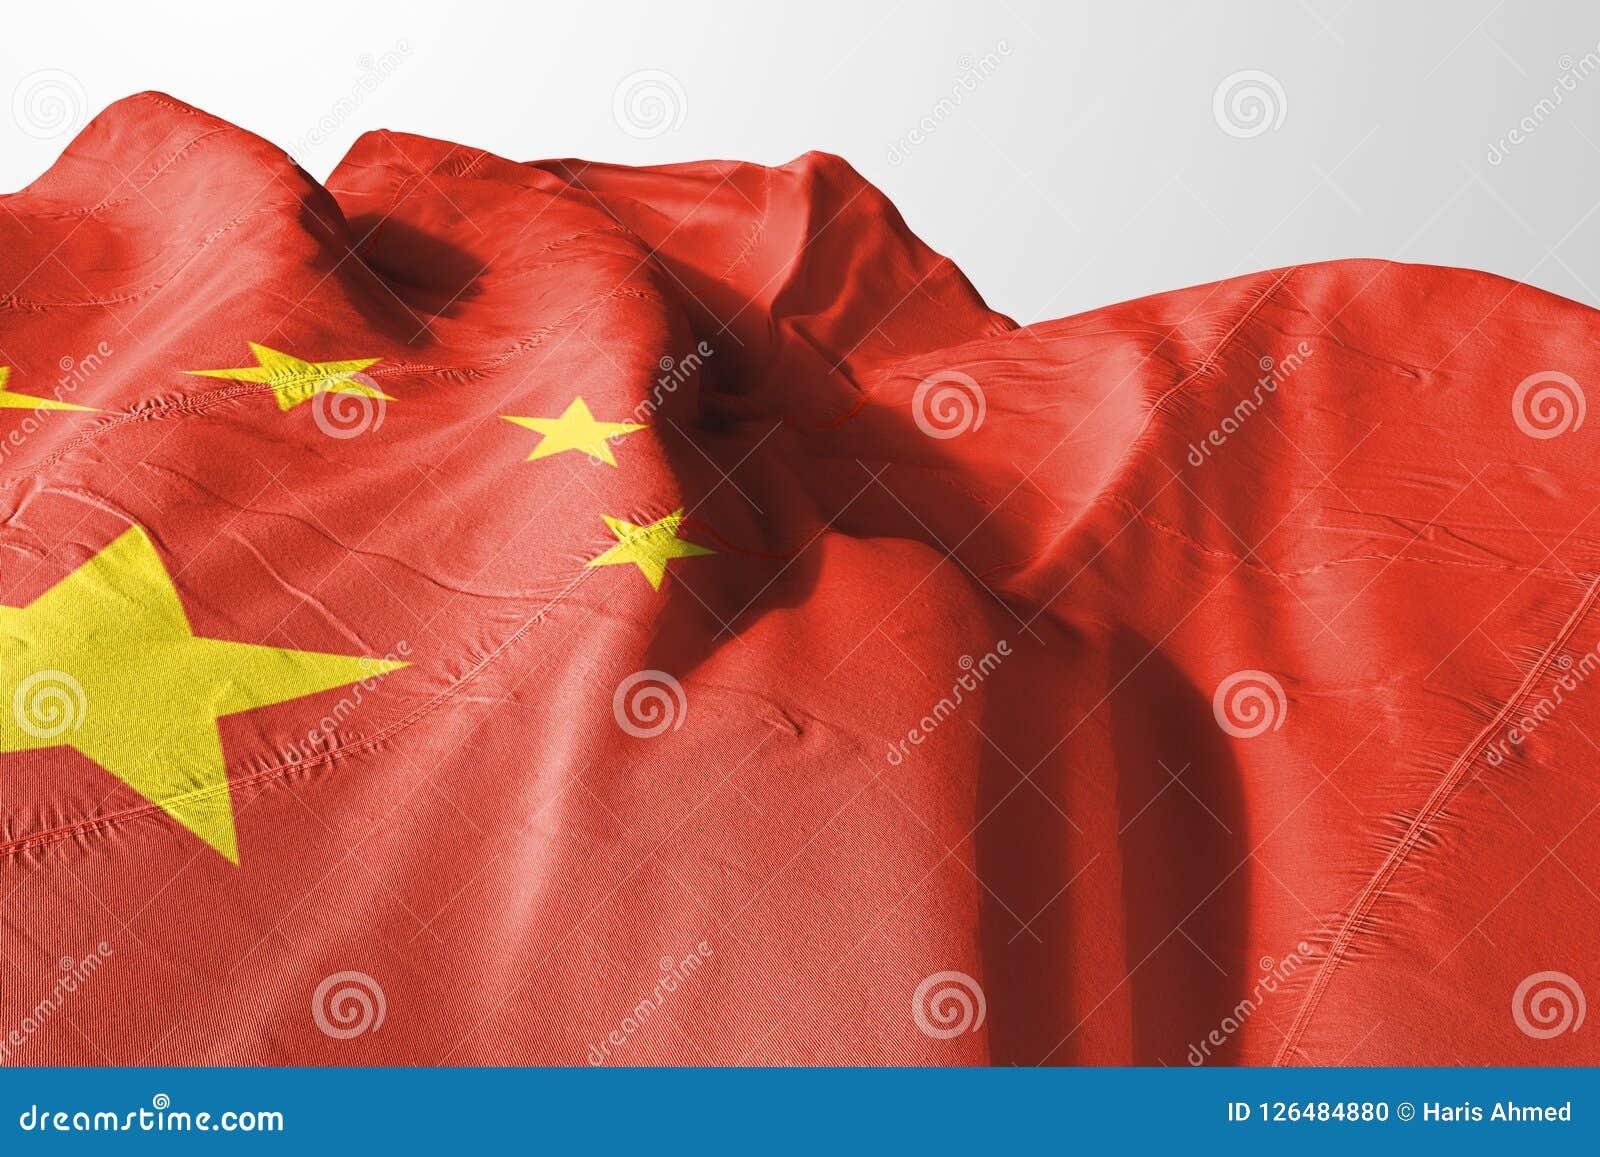 Απομονωμένη σημαία της Κίνας την τρισδιάστατη ρεαλιστική σημαία της Κίνας που δίνεται που κυματίζει